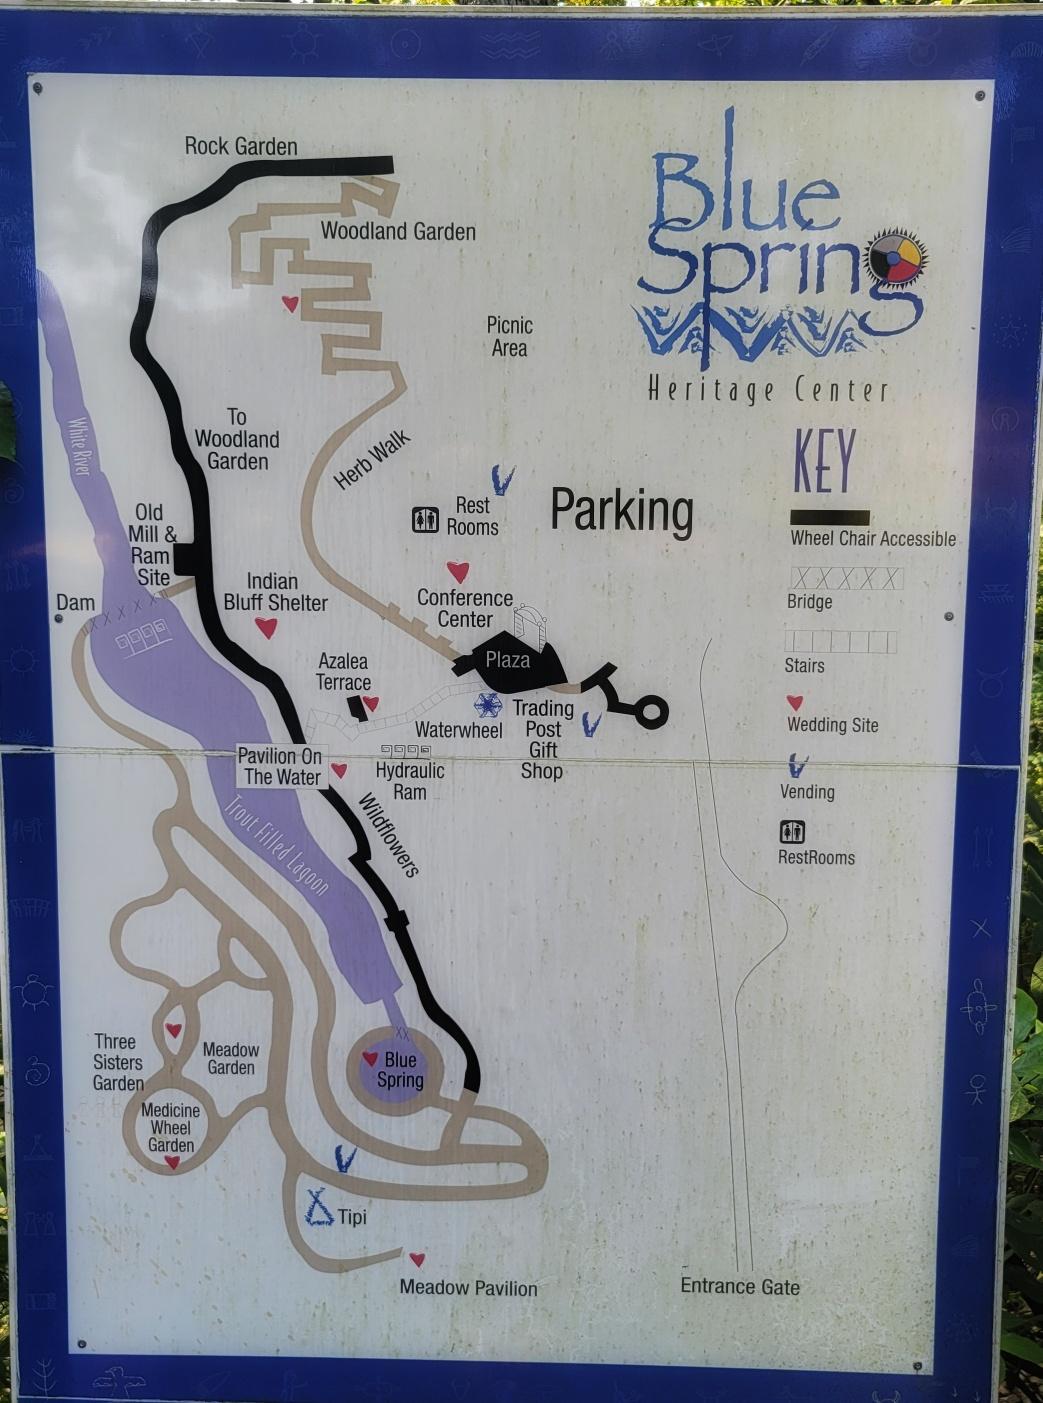 Blue Springs Heritage Center – Arkansas